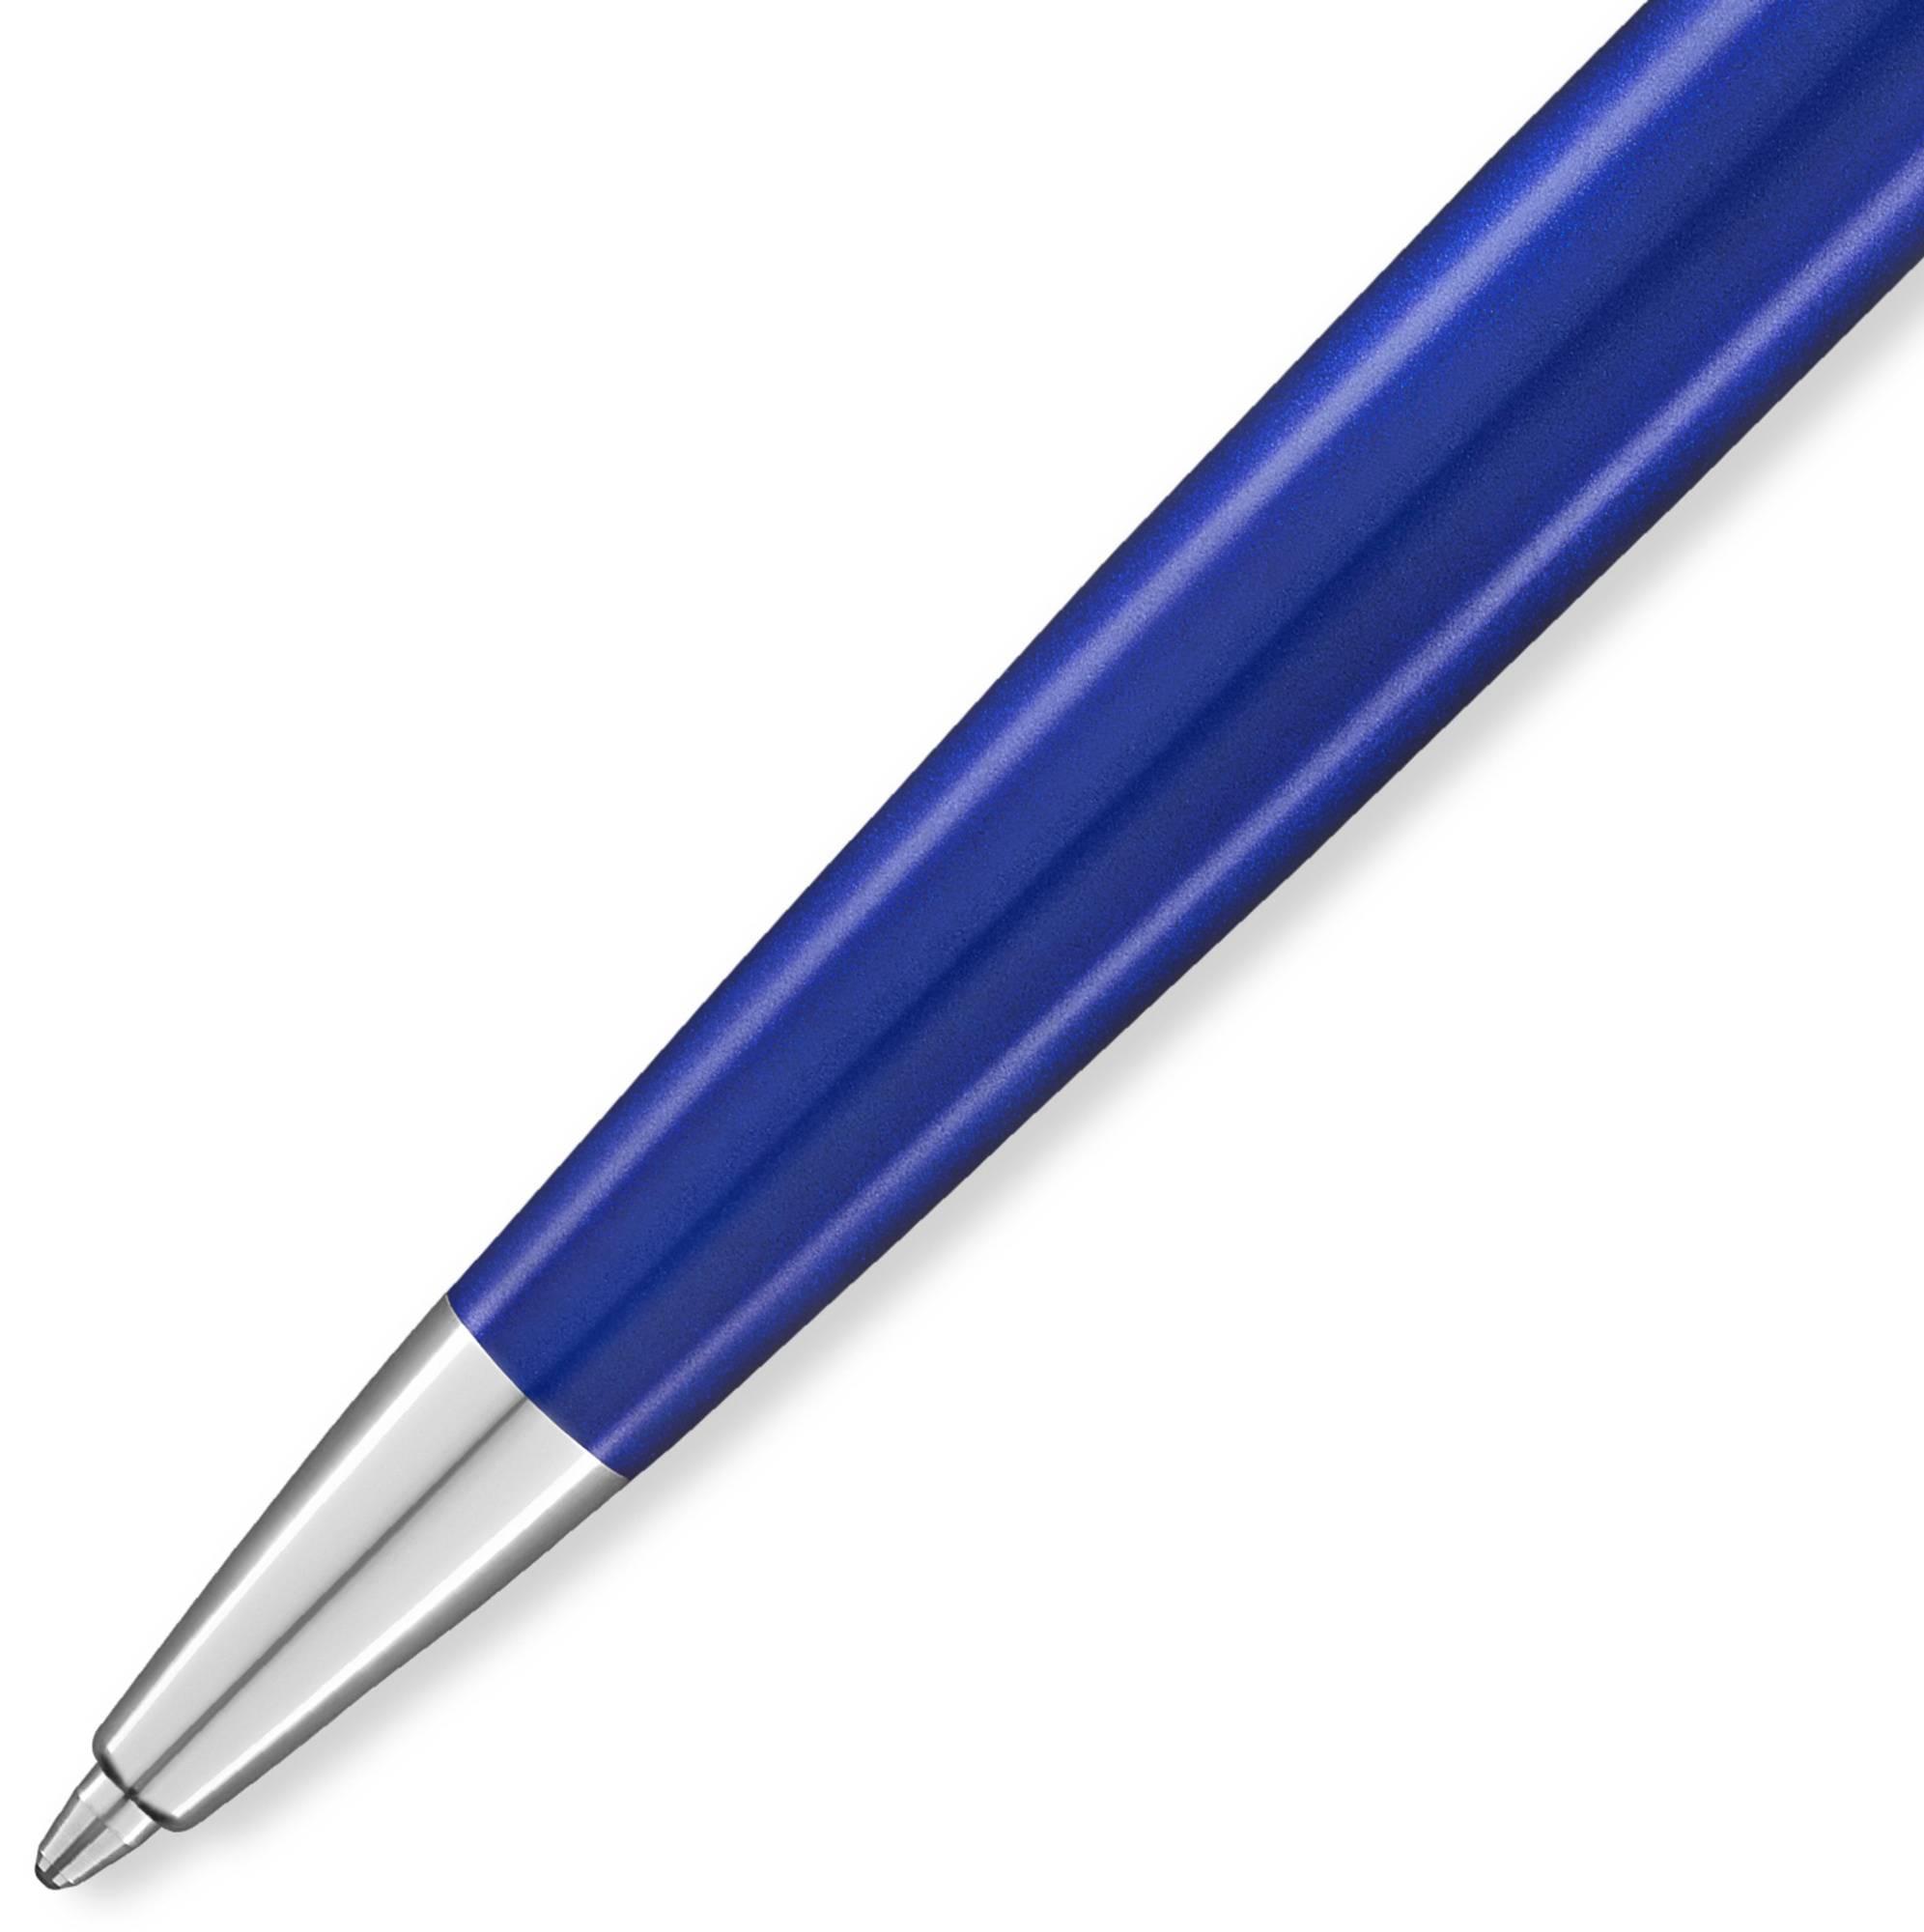 Ручка шариковая Waterman Hemisphere Deluxe Blue Wave CT (2043218) - фото 2